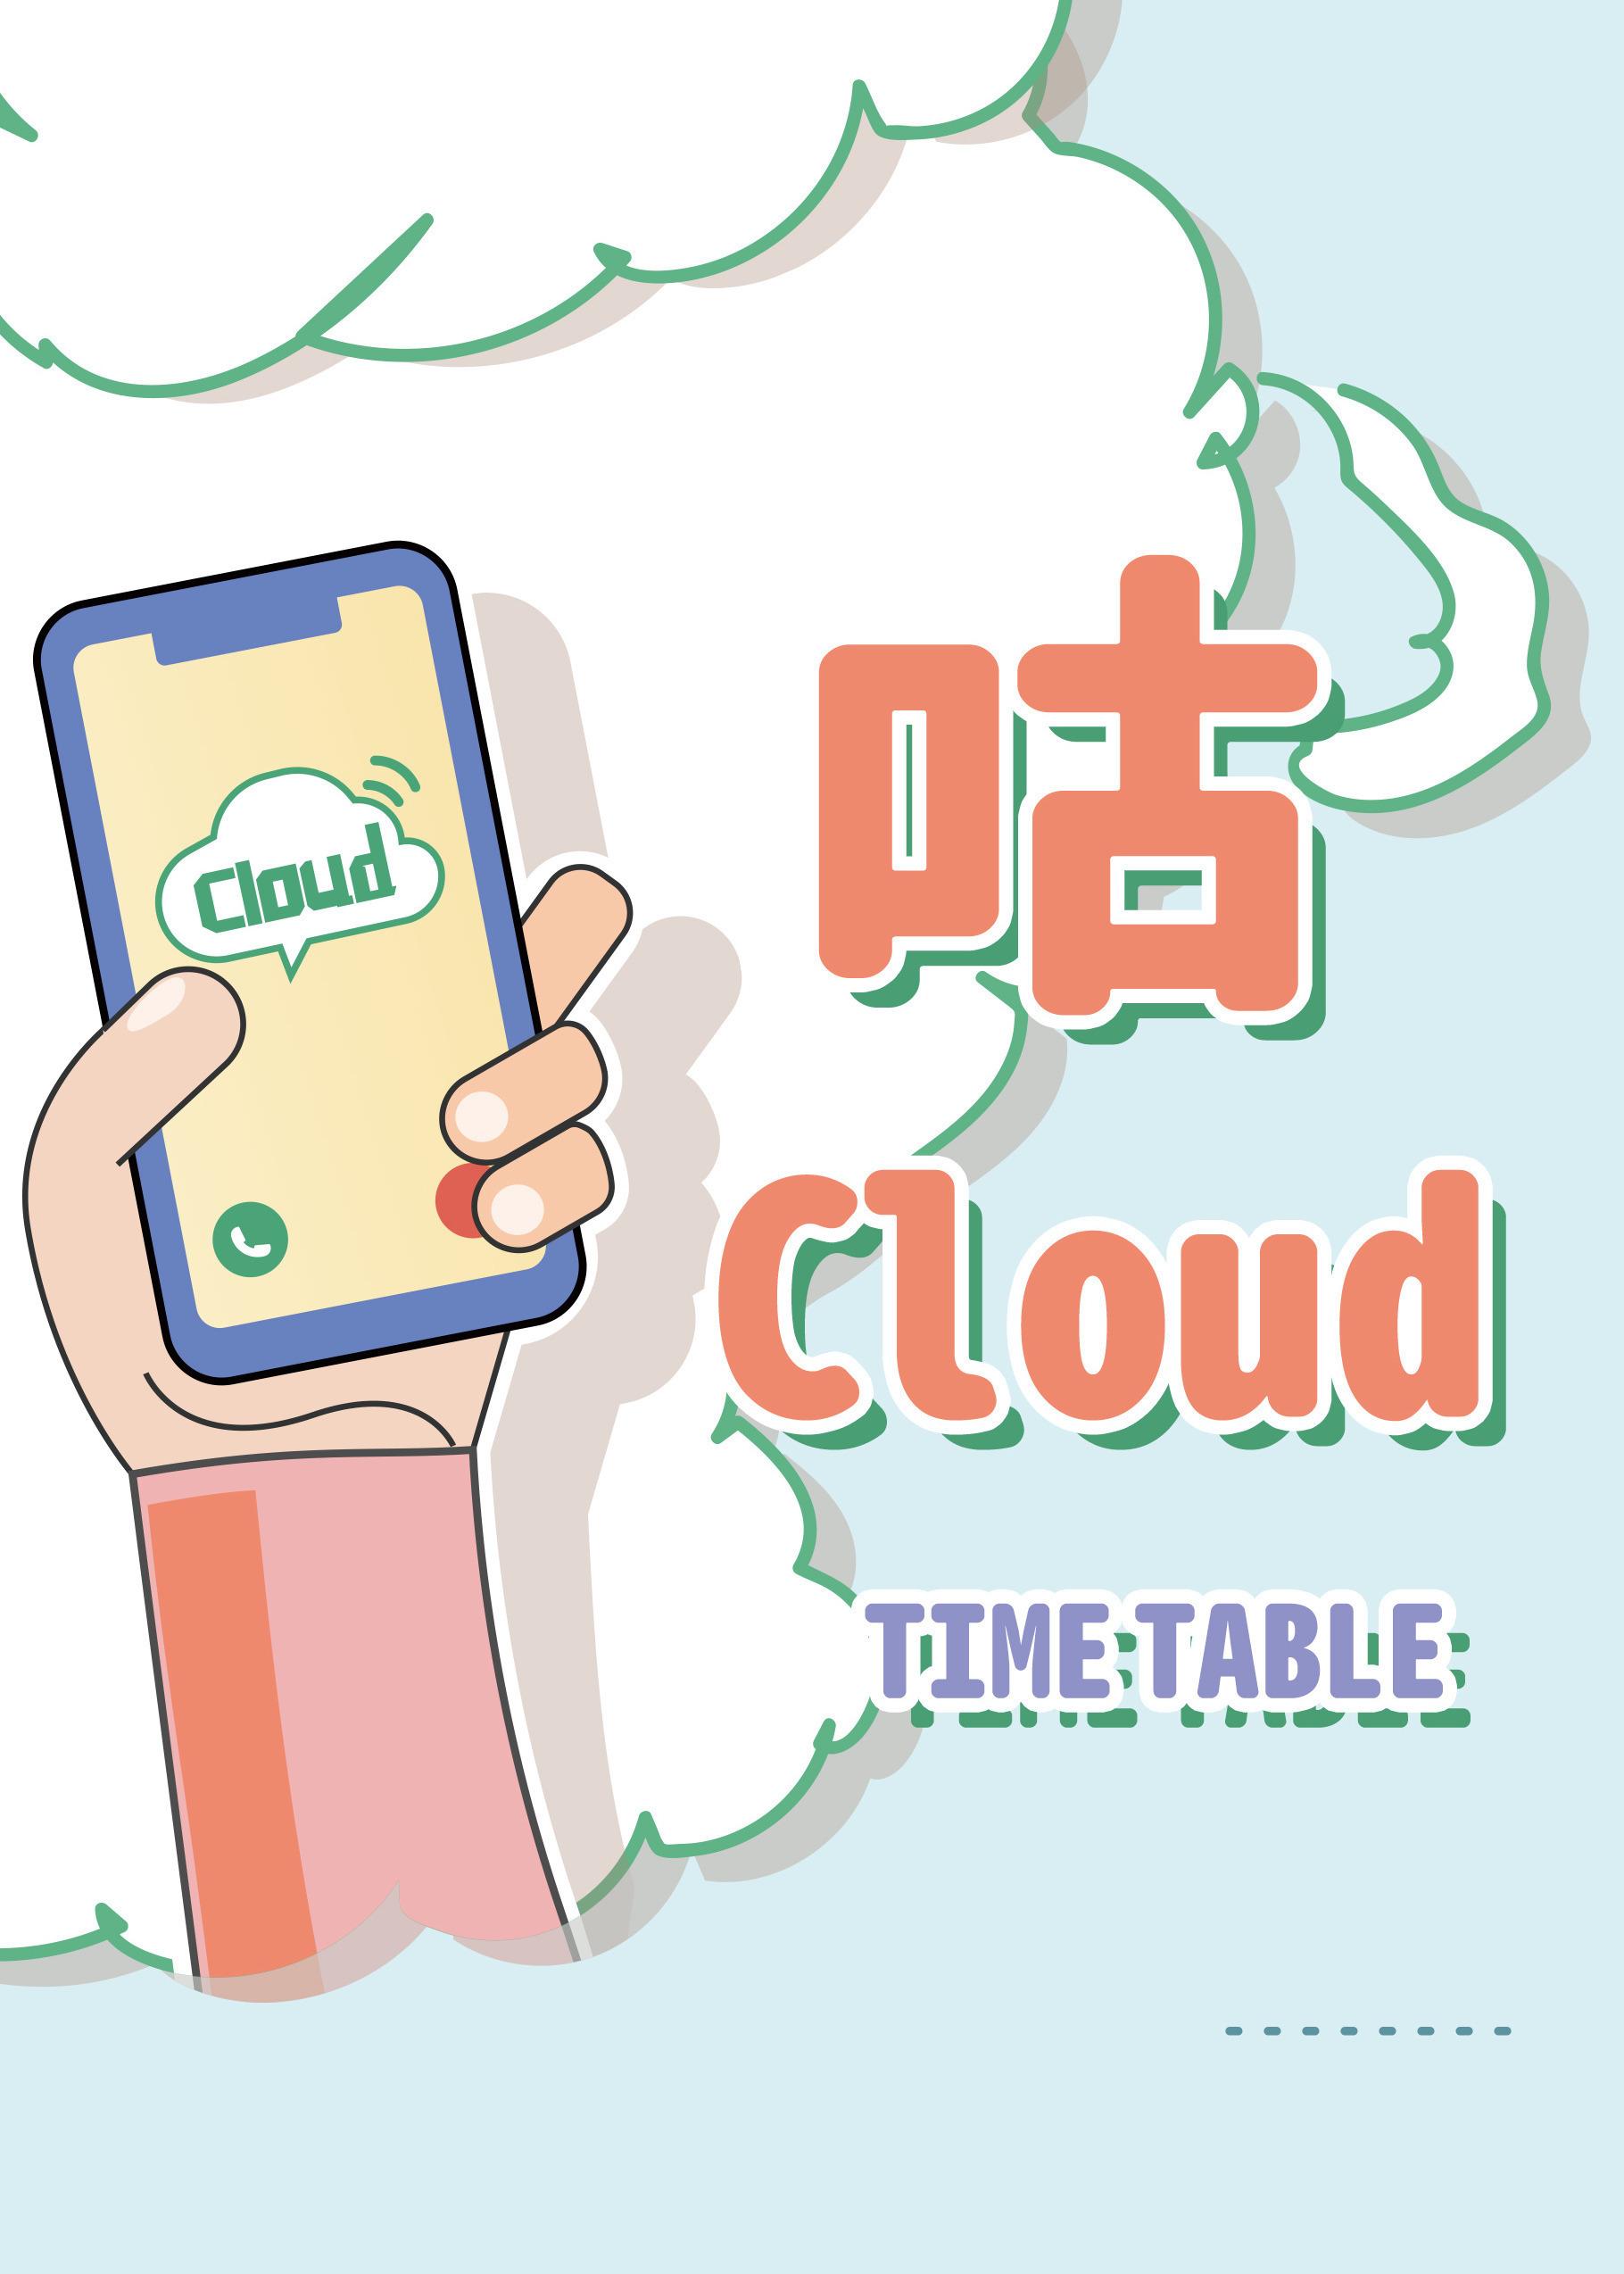 咕Cloud